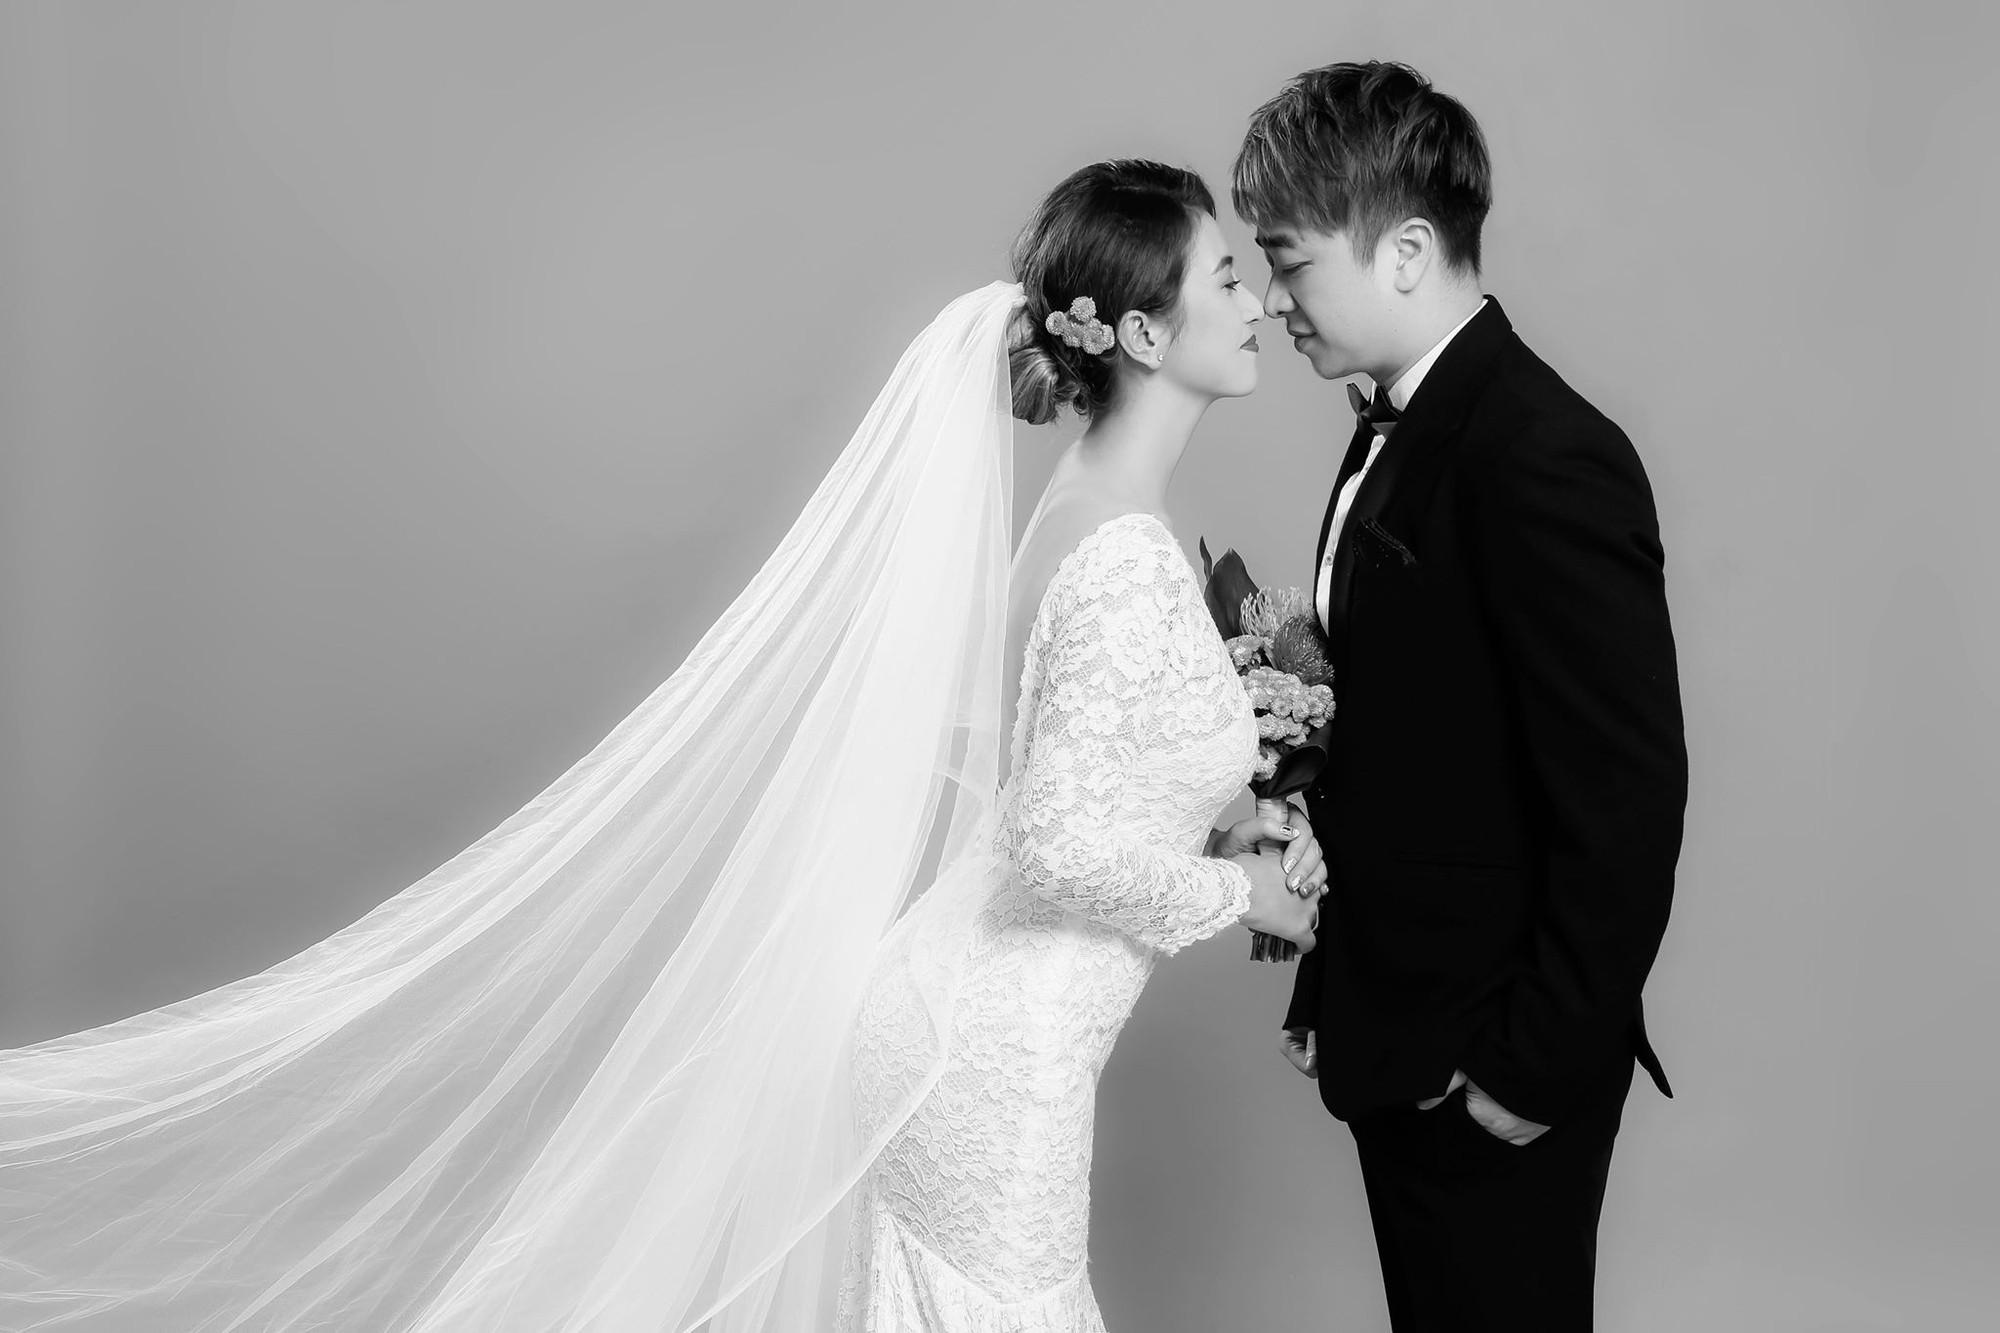 Việt My hé lộ ảnh cưới với bạn trai Việt kiều, tiết lộ cụ thể thời gian tổ chức hôn lễ - Ảnh 4.